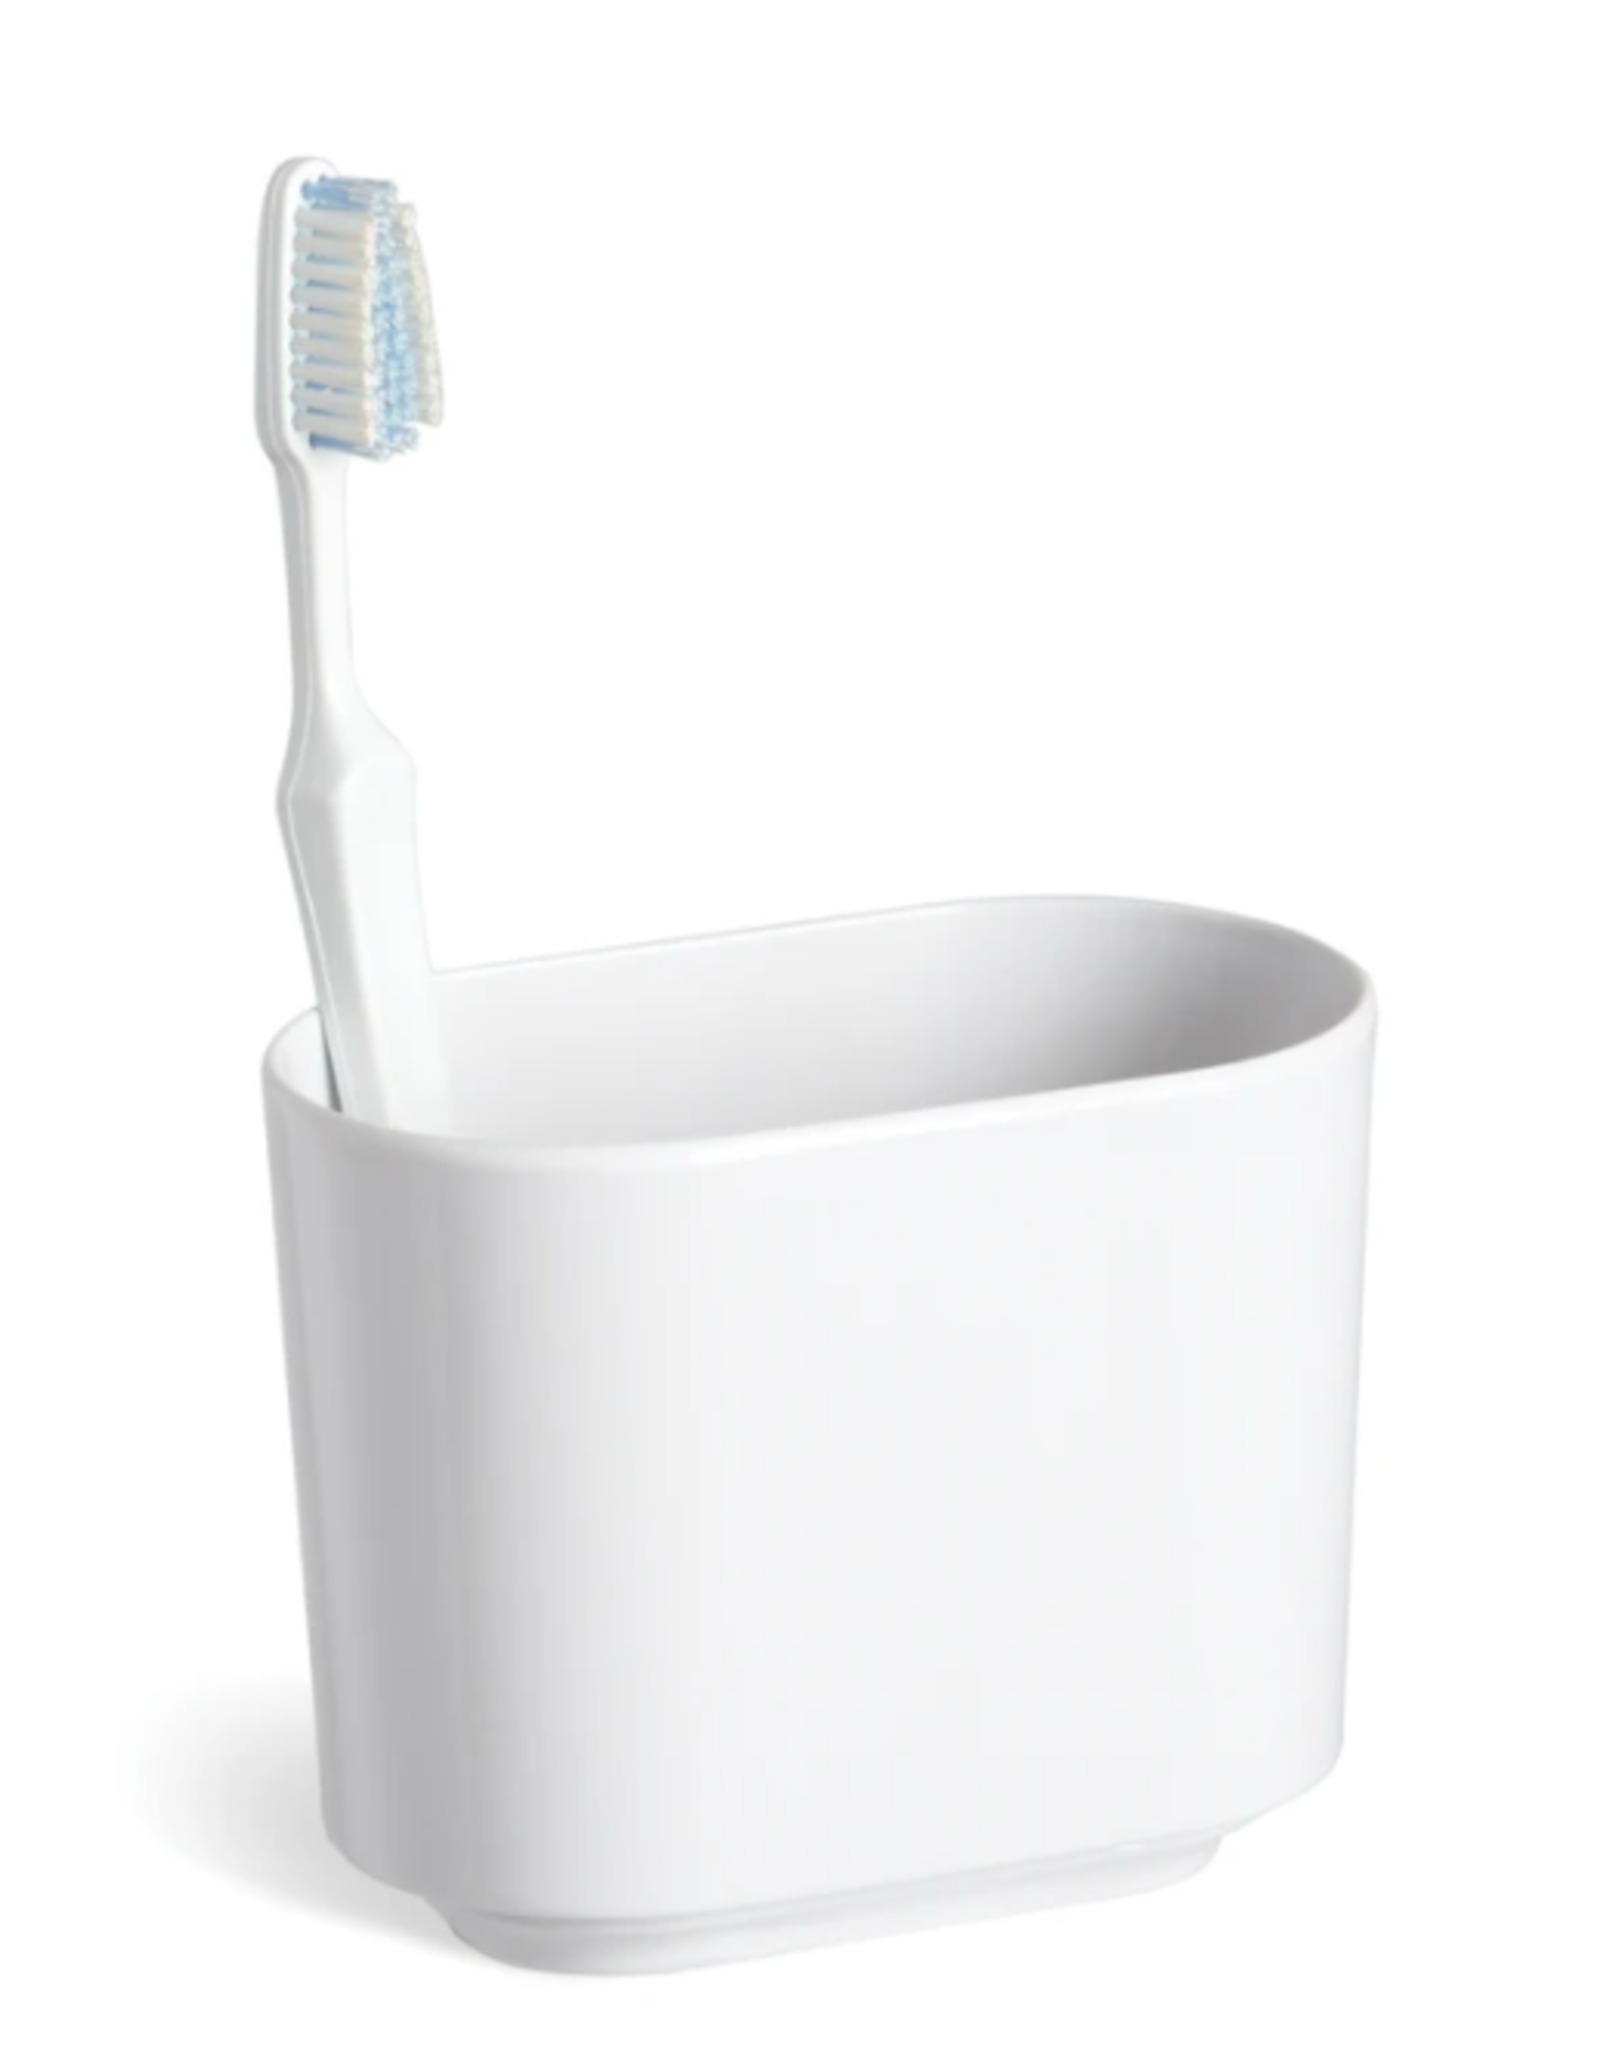 Umbra Umbra Step Toothbrush Holder